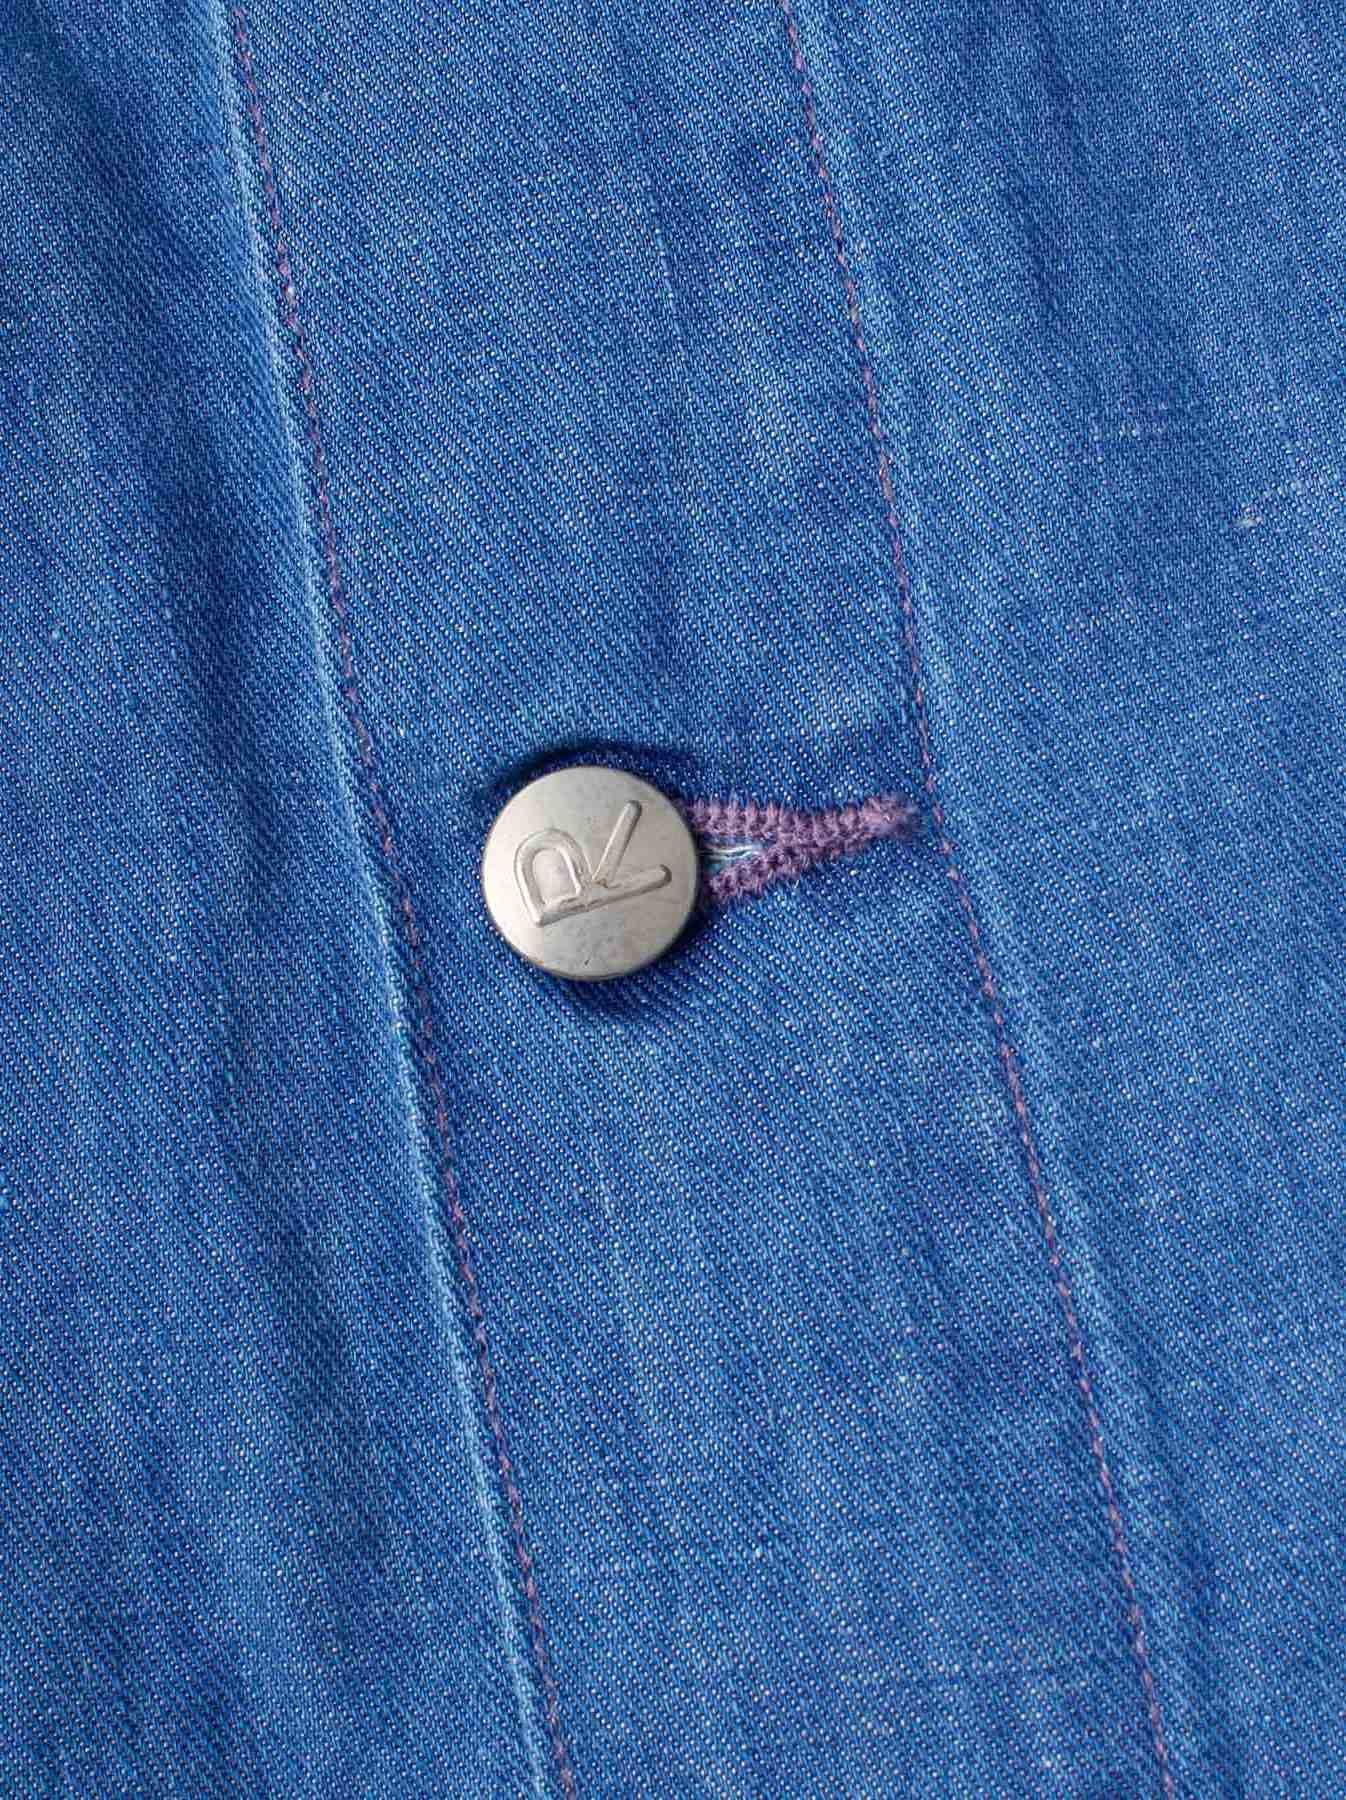 WH Cotton Linen Mon-petit Skirt-9